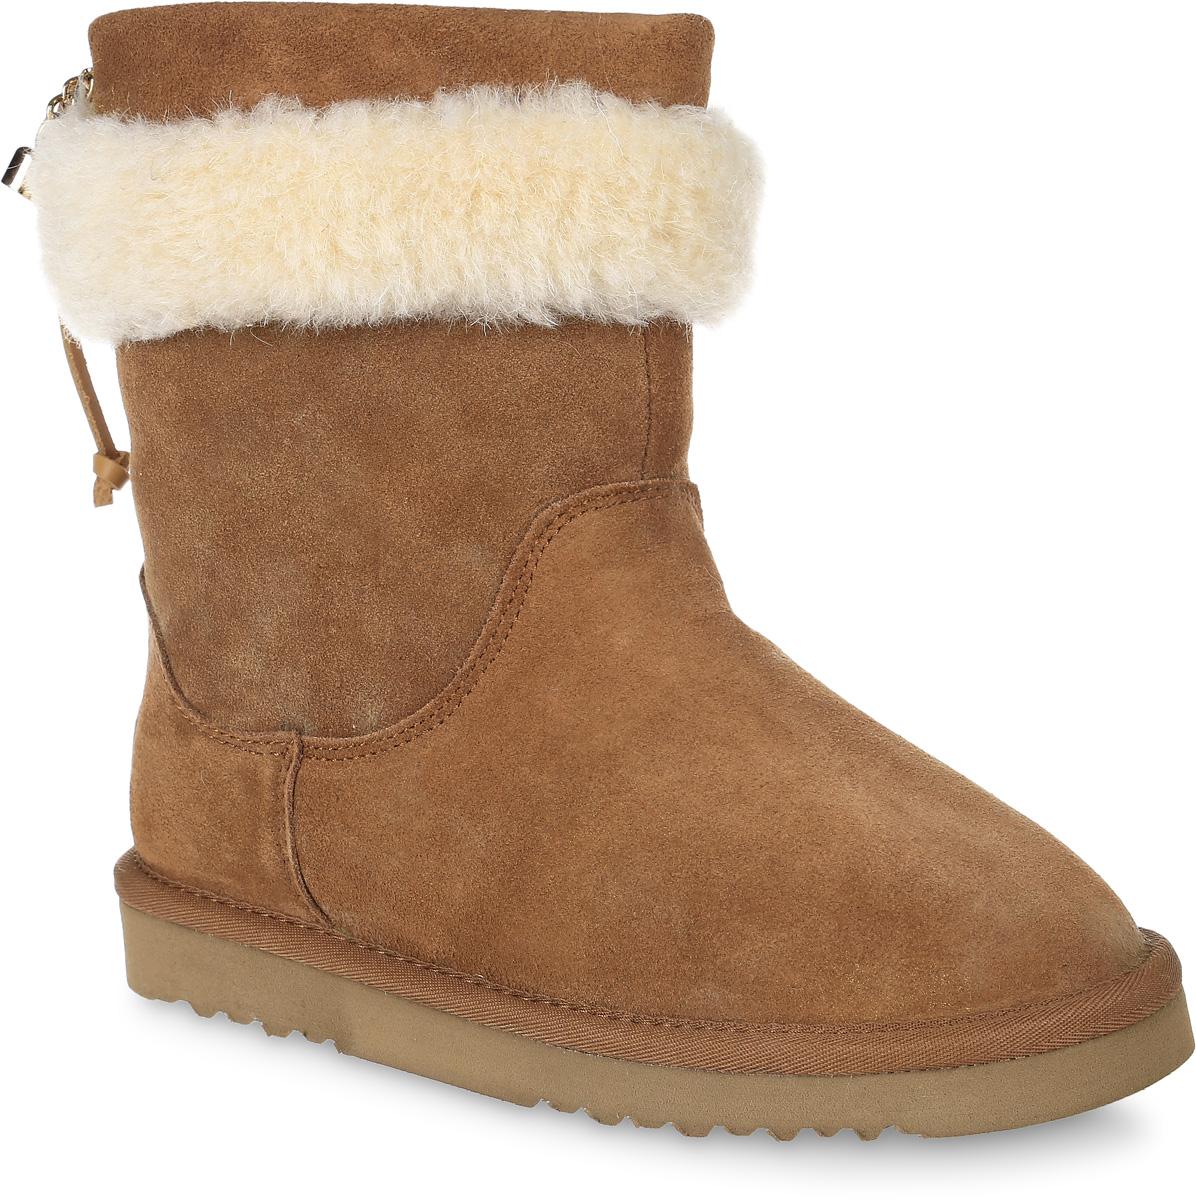 20756-8Модные угги для девочки от Vitacci, выполненные из натурального велюра, оформлены шерстяным мехом и декоративной шнуровкой с подвесками. Подкладка и стелька из шерстяного меха не дадут ногам замерзнуть. Подошва из материала ЭВА дополнена рифлением.